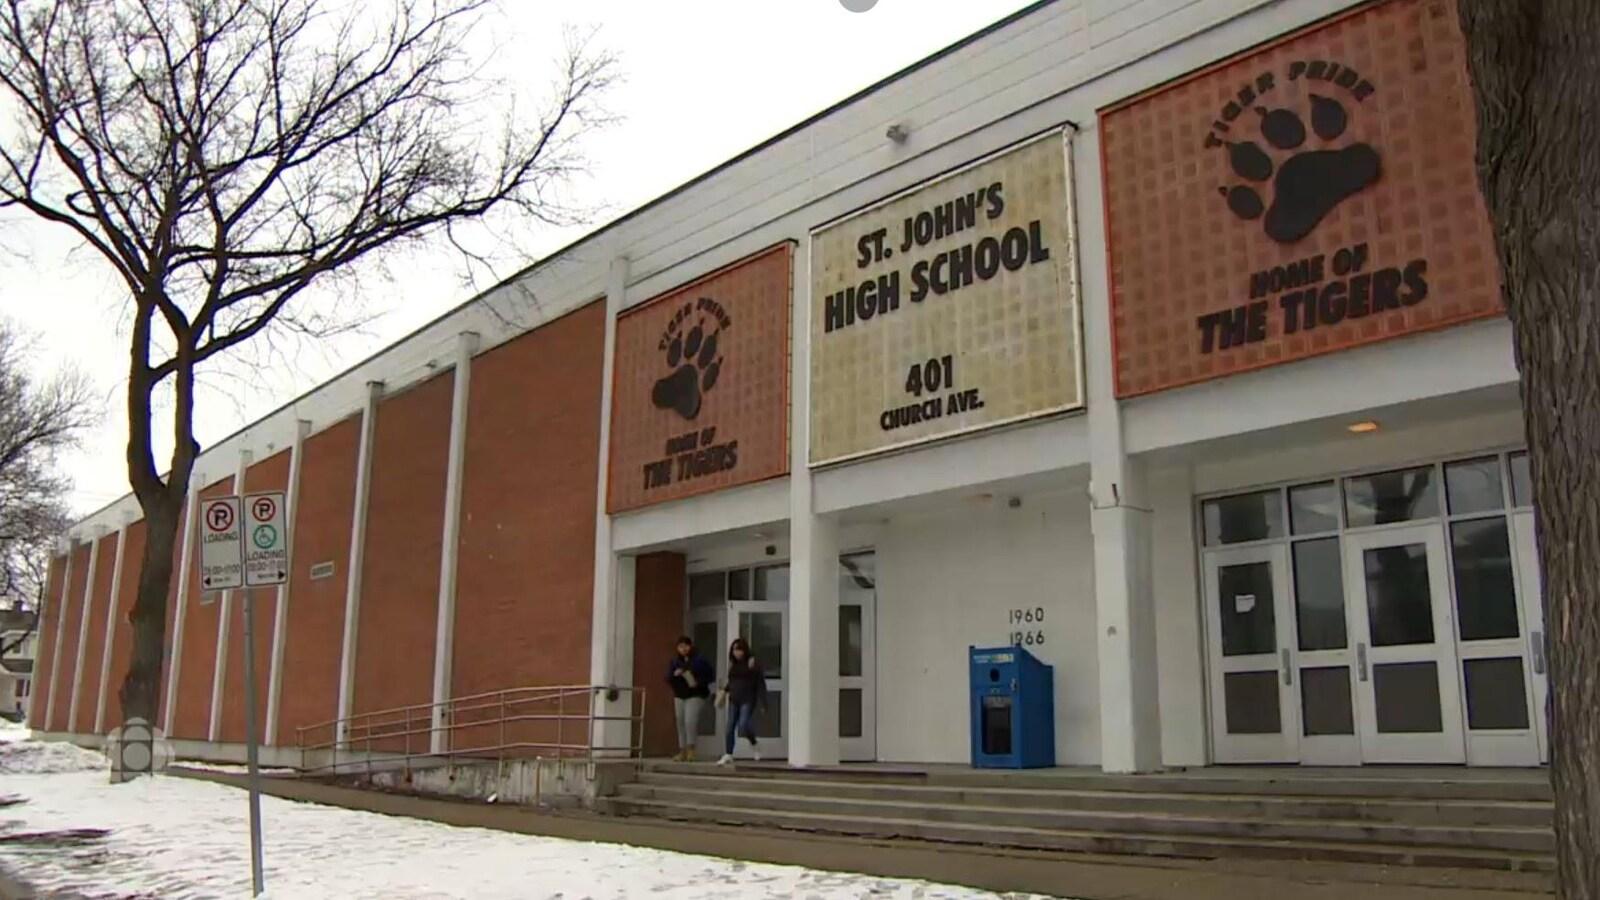 Vue de la façade de l'école secondaire St. John's High School.